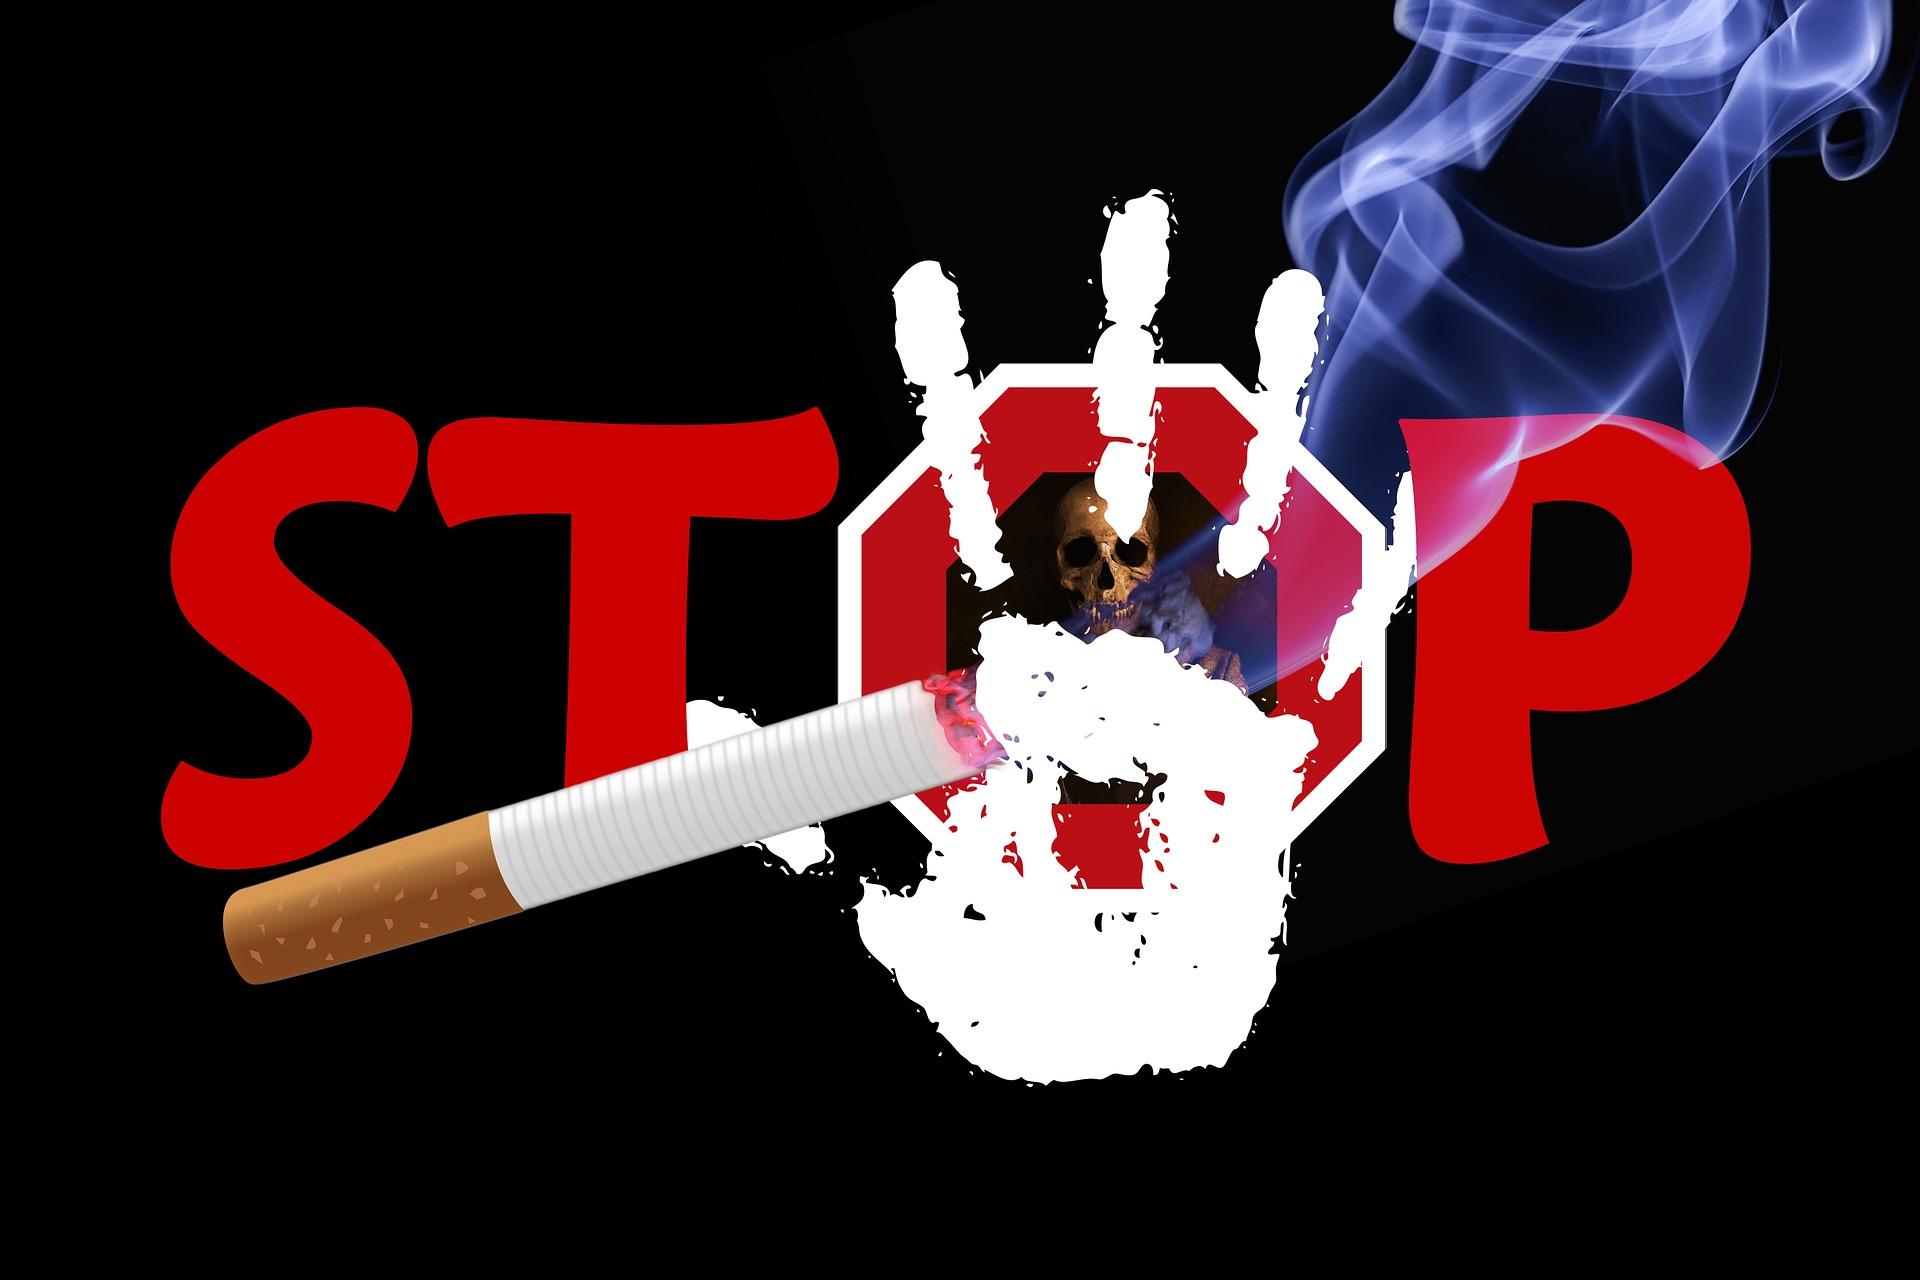 เทคนิค การเลิกบุหรี่